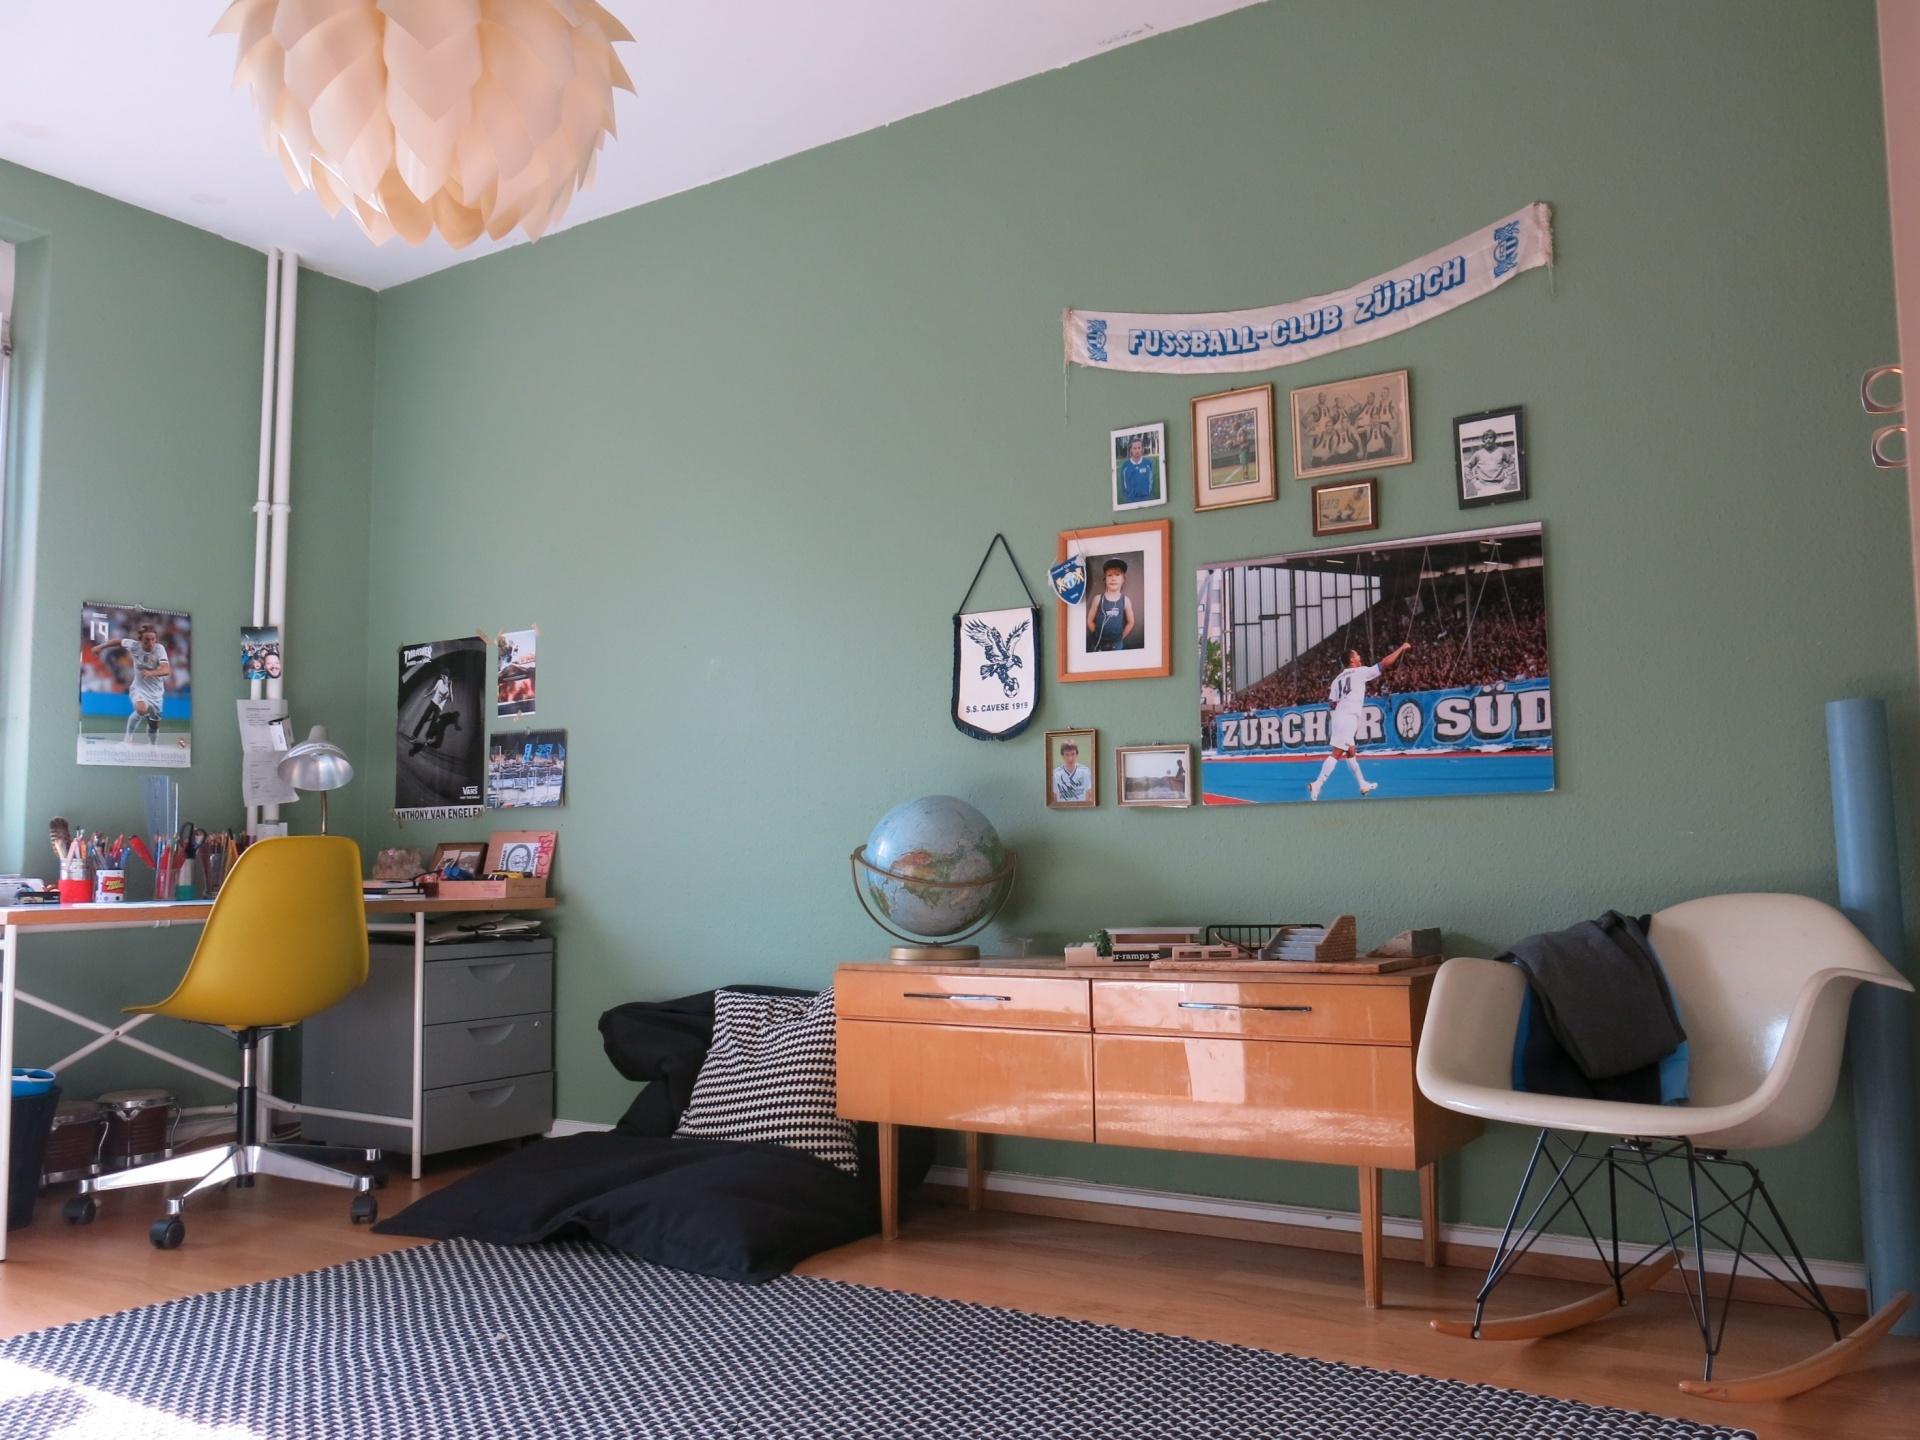 Spannregal wohnzimmer teleskopregal küche ausziehbar